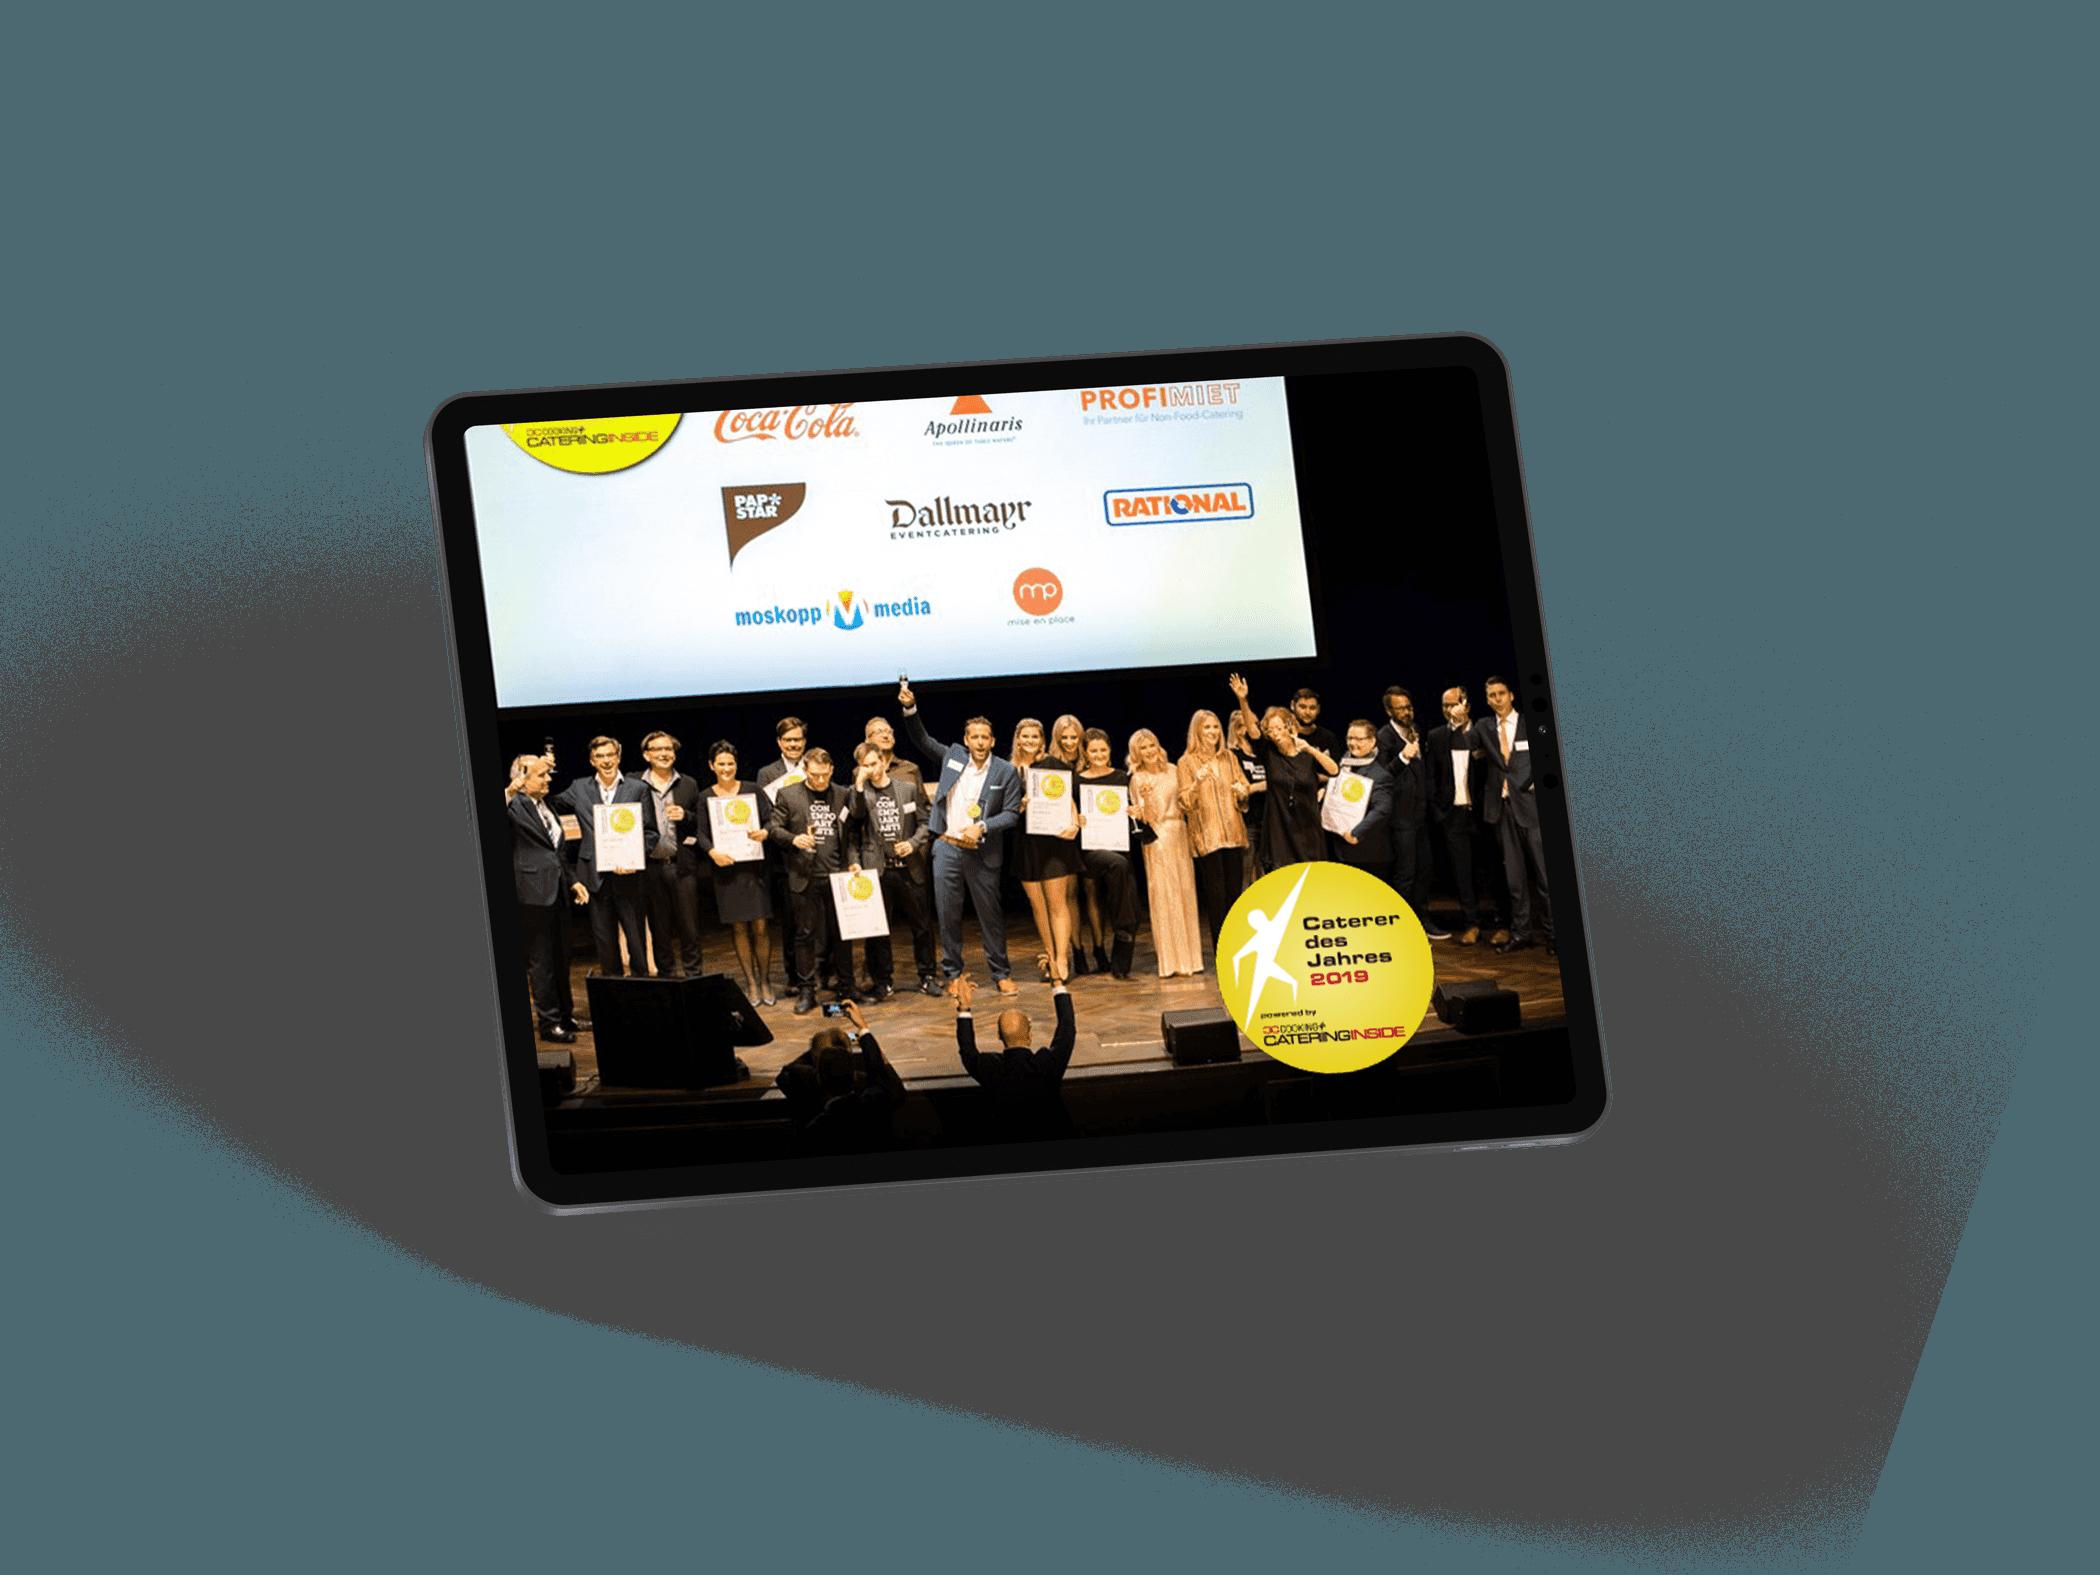 webdesign refeernz kochfabrik caterer des jahres